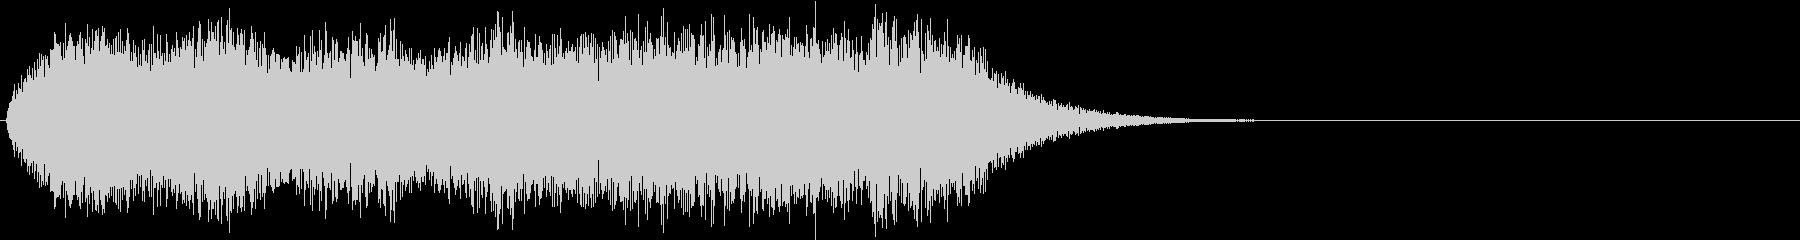 ホラー 不気味な雰囲気のオルガン 2の未再生の波形